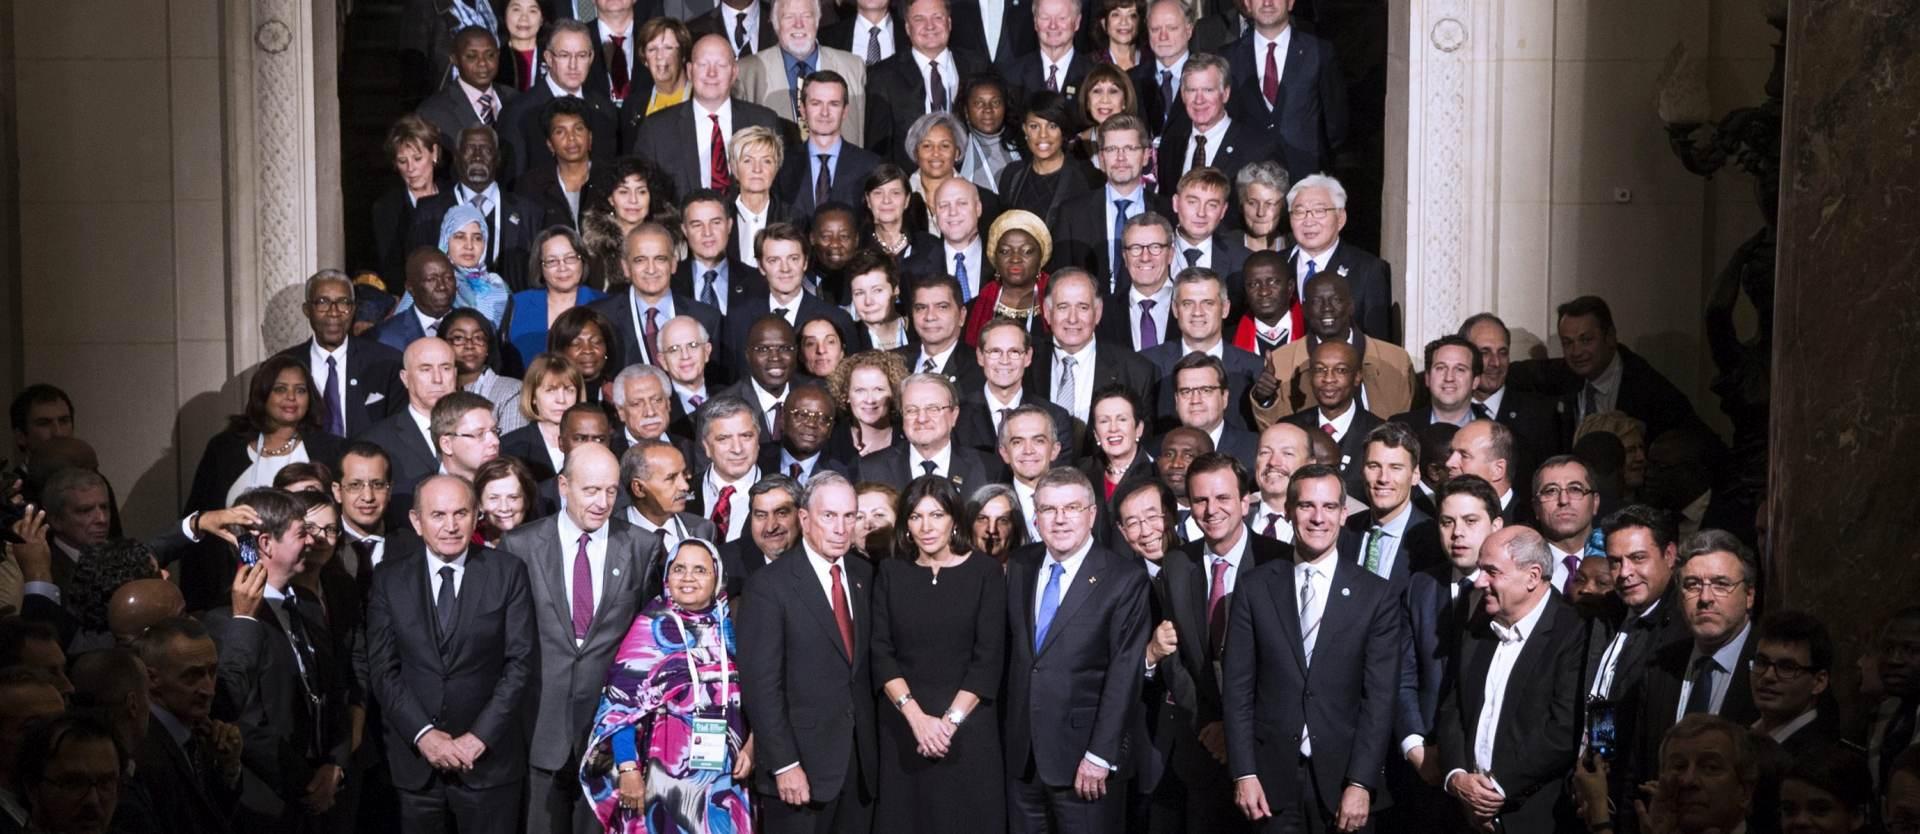 ZAŠTITA OKOLIŠA:  Usvojen nacrt globalnog sporazuma o klimatskim promjenama